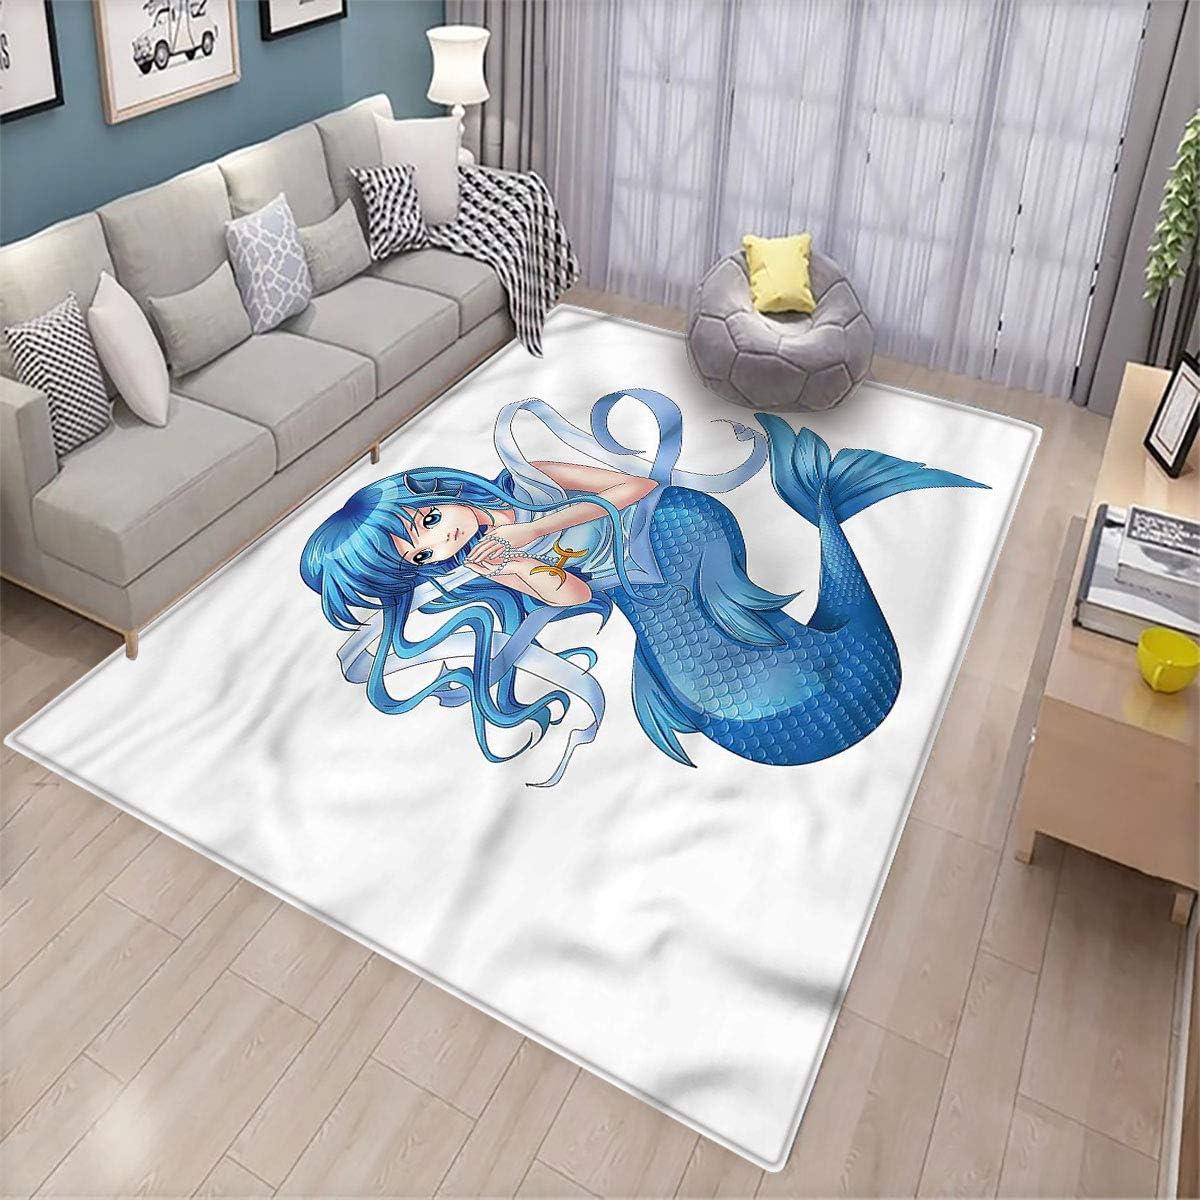 Anime Room Floor mat Manga Style Pisces Girl Patio Door Floor mat Non-Slip Decoration 6.6'x9'